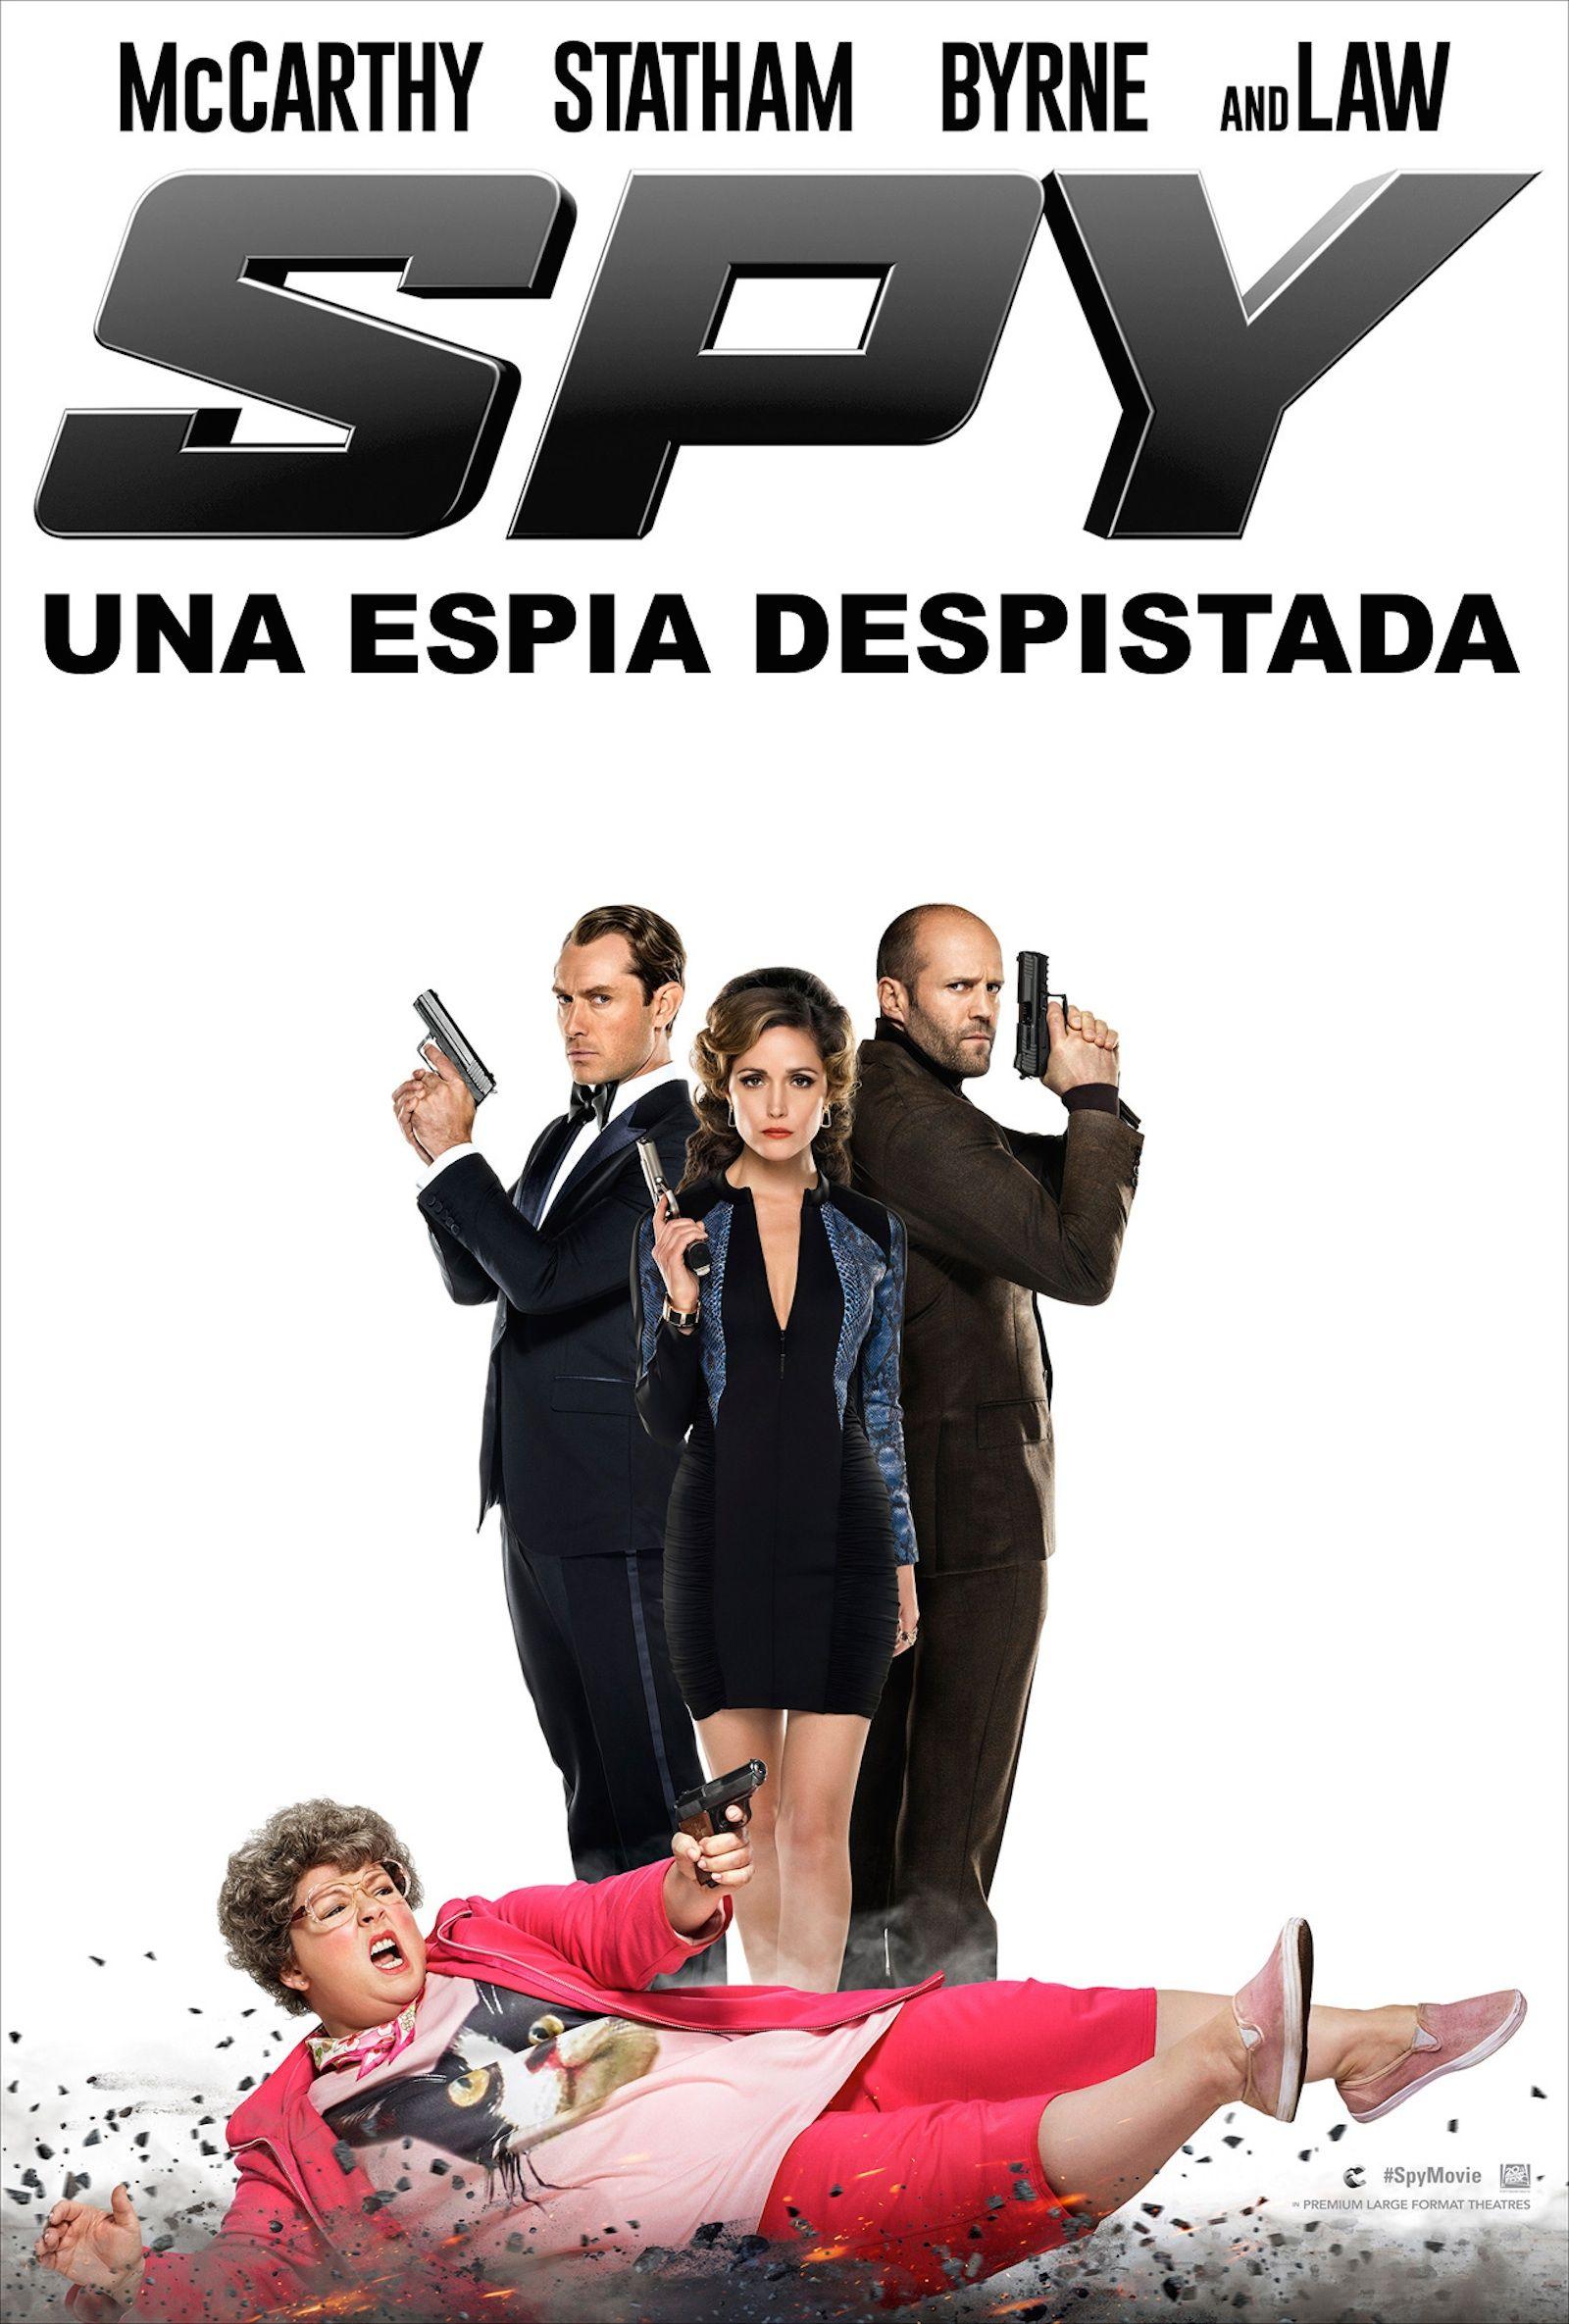 Una Espia Despistada Funny Movies Comedy Movies Good Movies